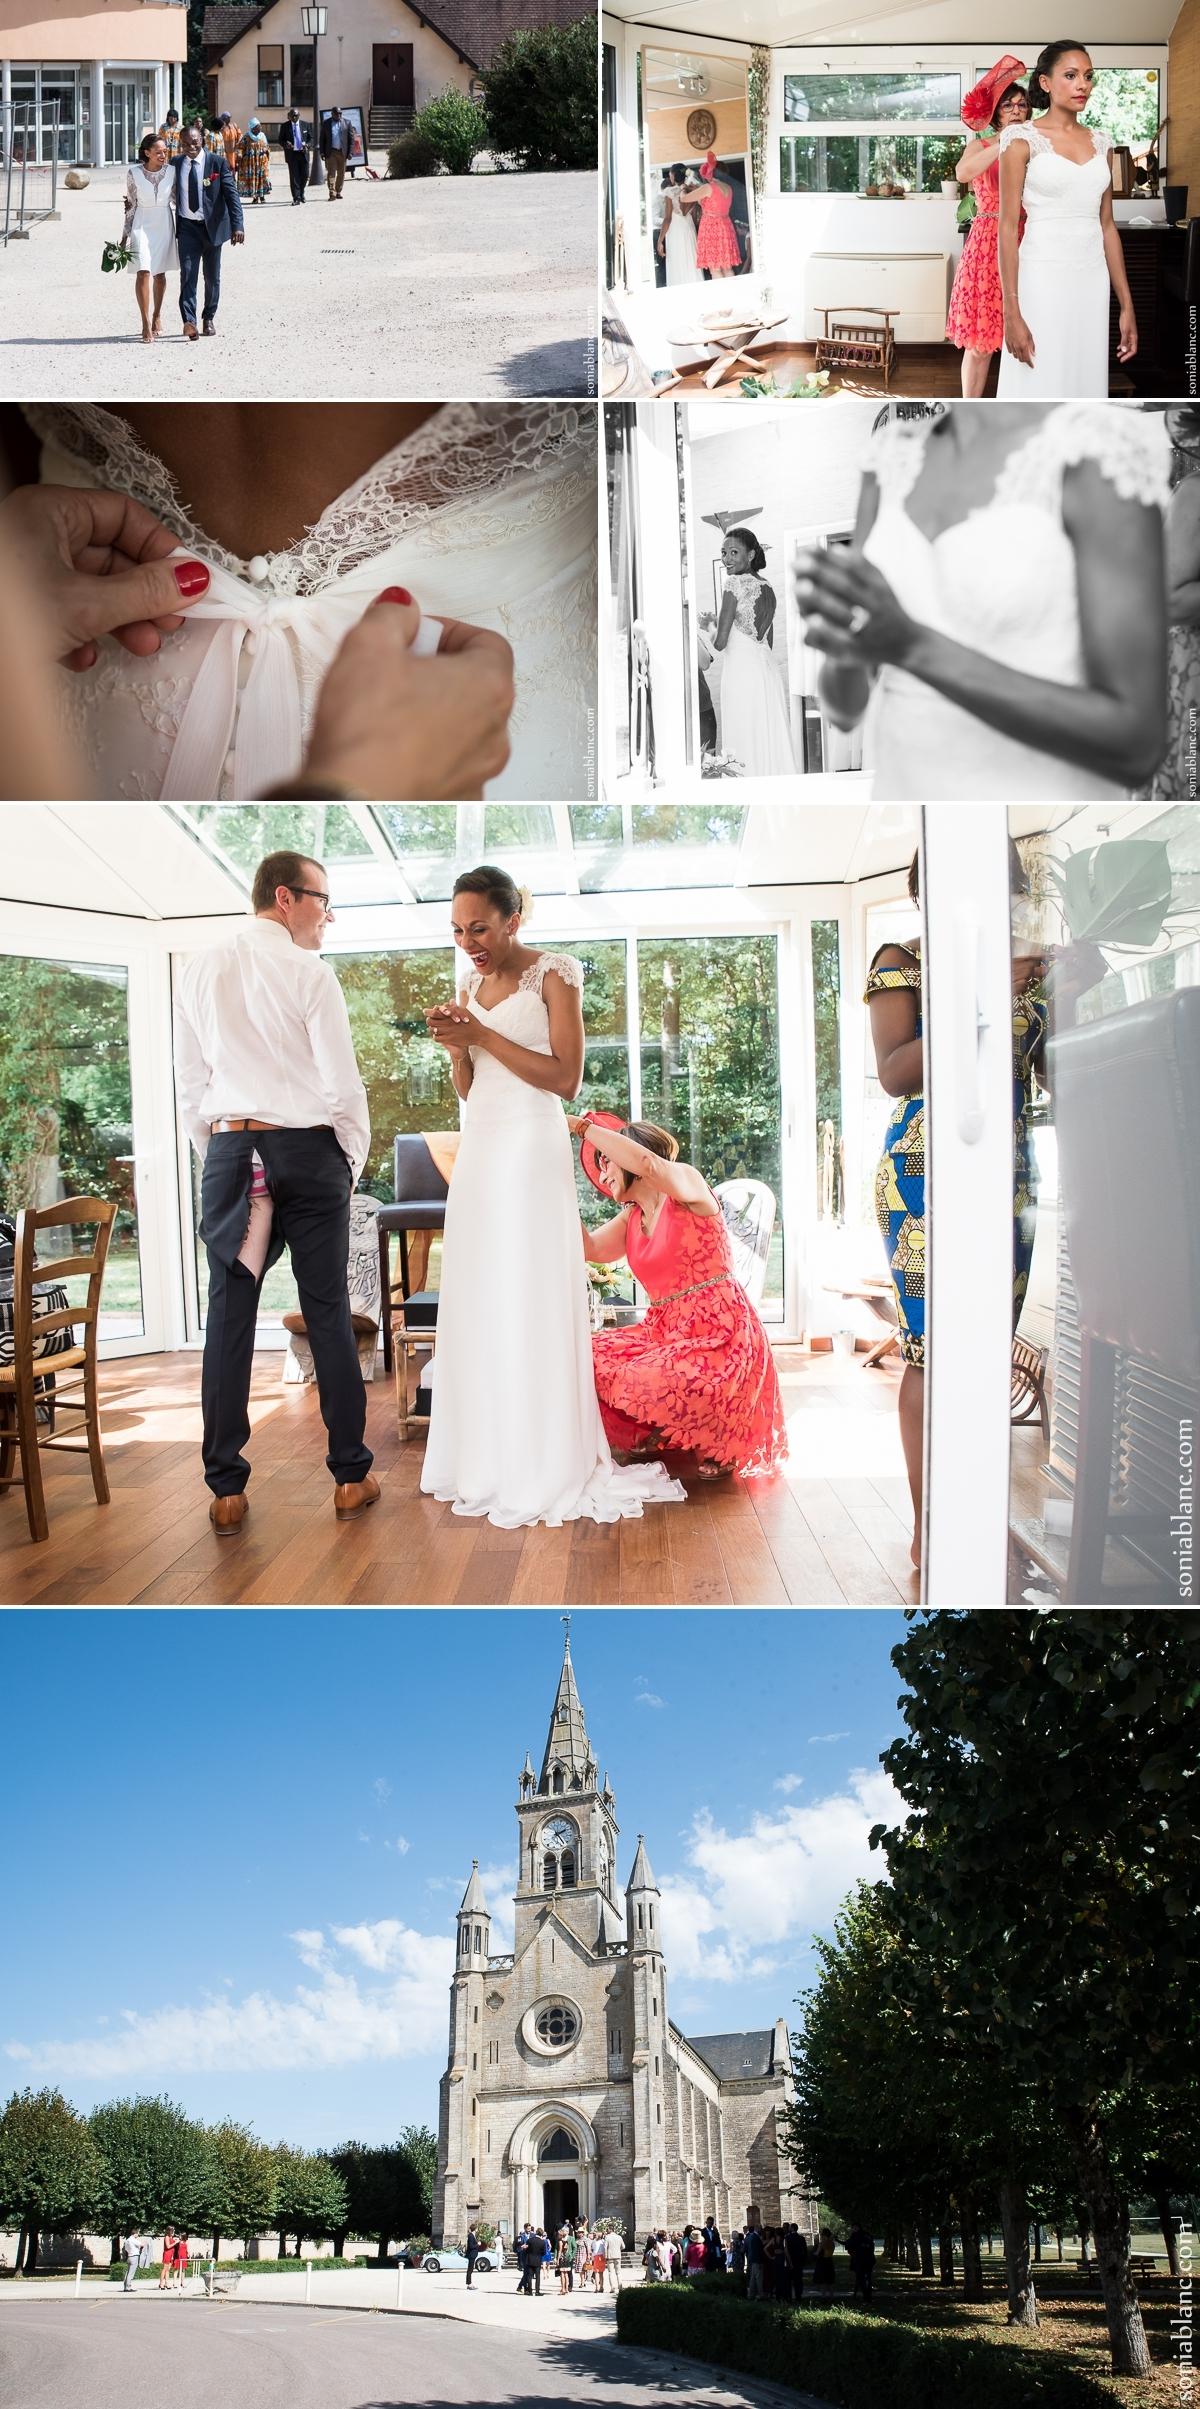 6. mariage à l'eglise - chevigny-saint-sauveur